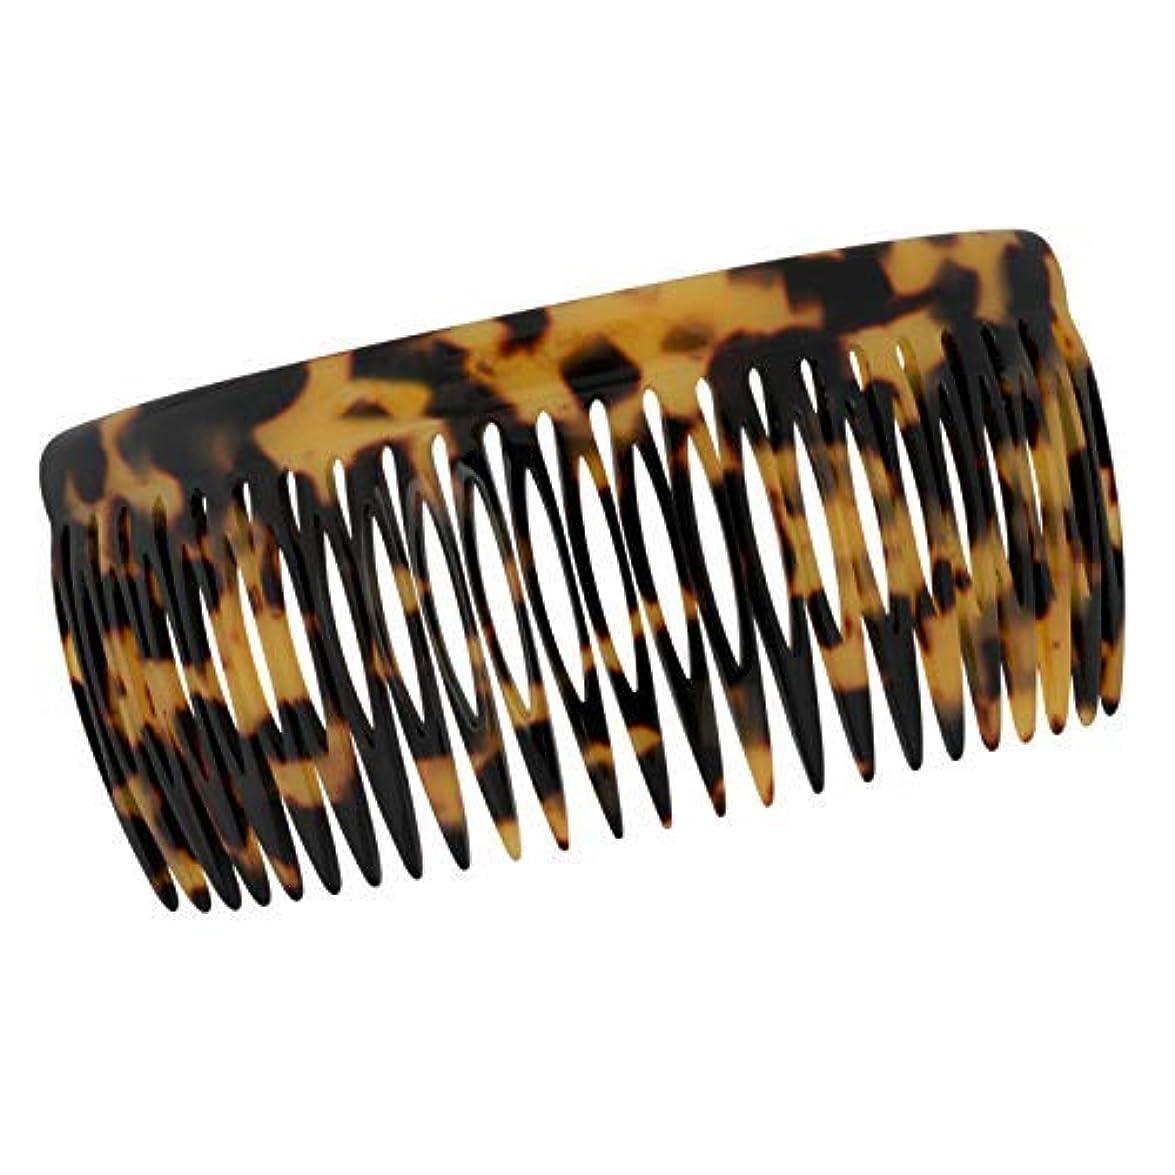 壮大差千Charles J. Wahba Long Classic Long Side Comb - 24 Teeth - Handmade in France (Tokyo Tortoise Color) [並行輸入品]